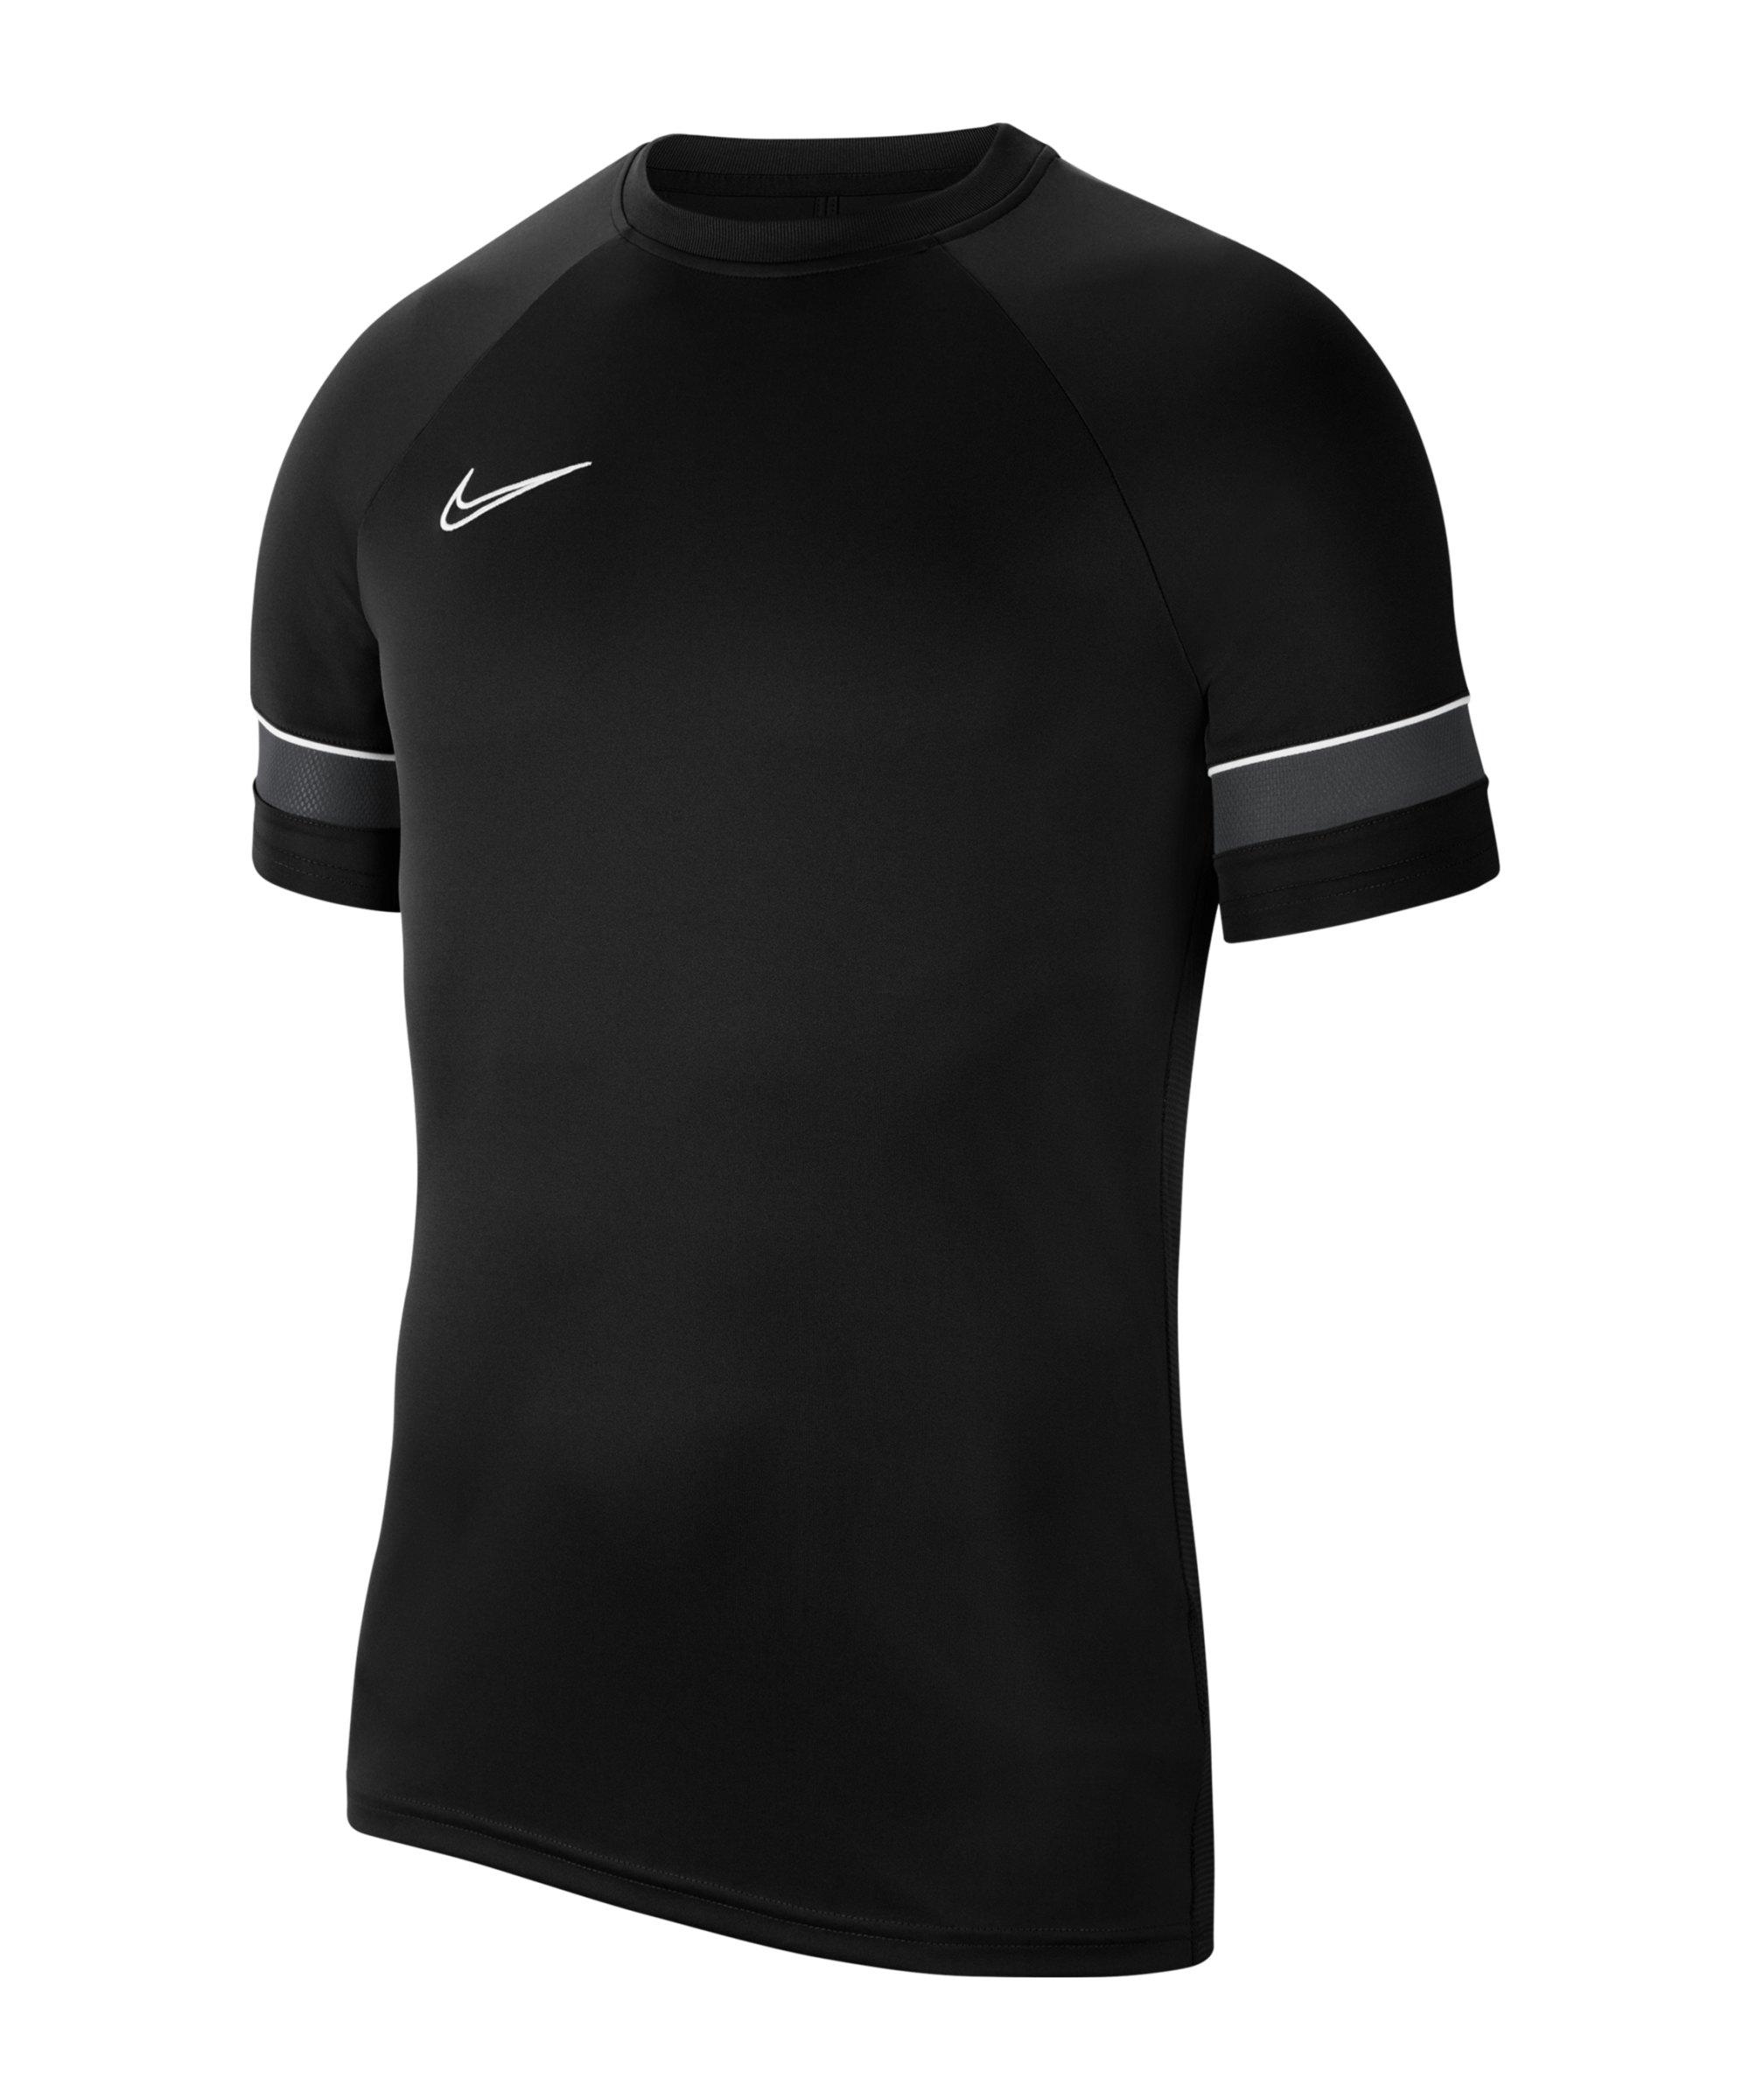 Nike Academy 21 T-Shirt Kids Schwarz Weiss F014 - schwarz